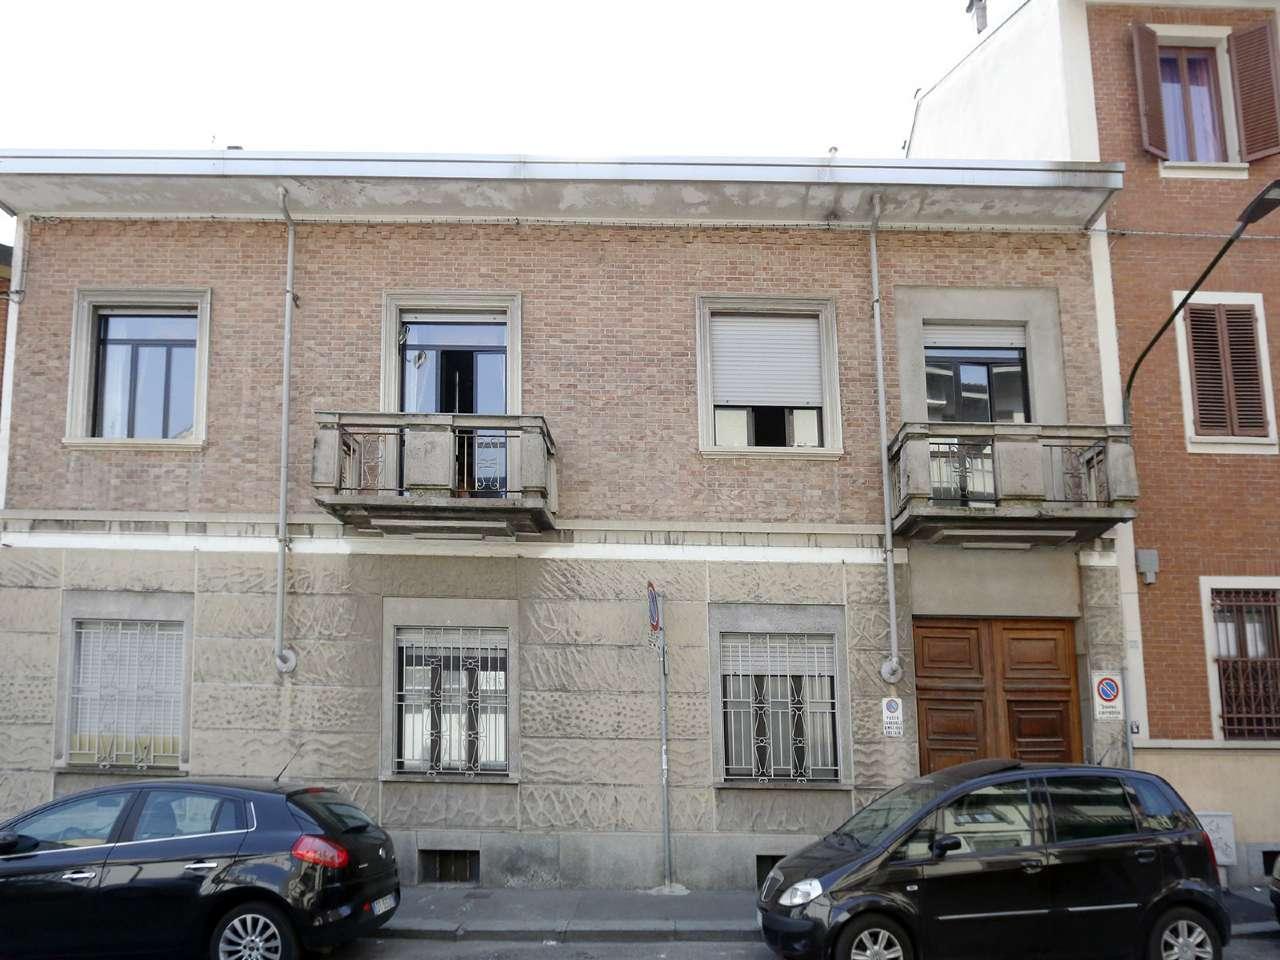 VENDITE Rustici e Case Torino 3717339